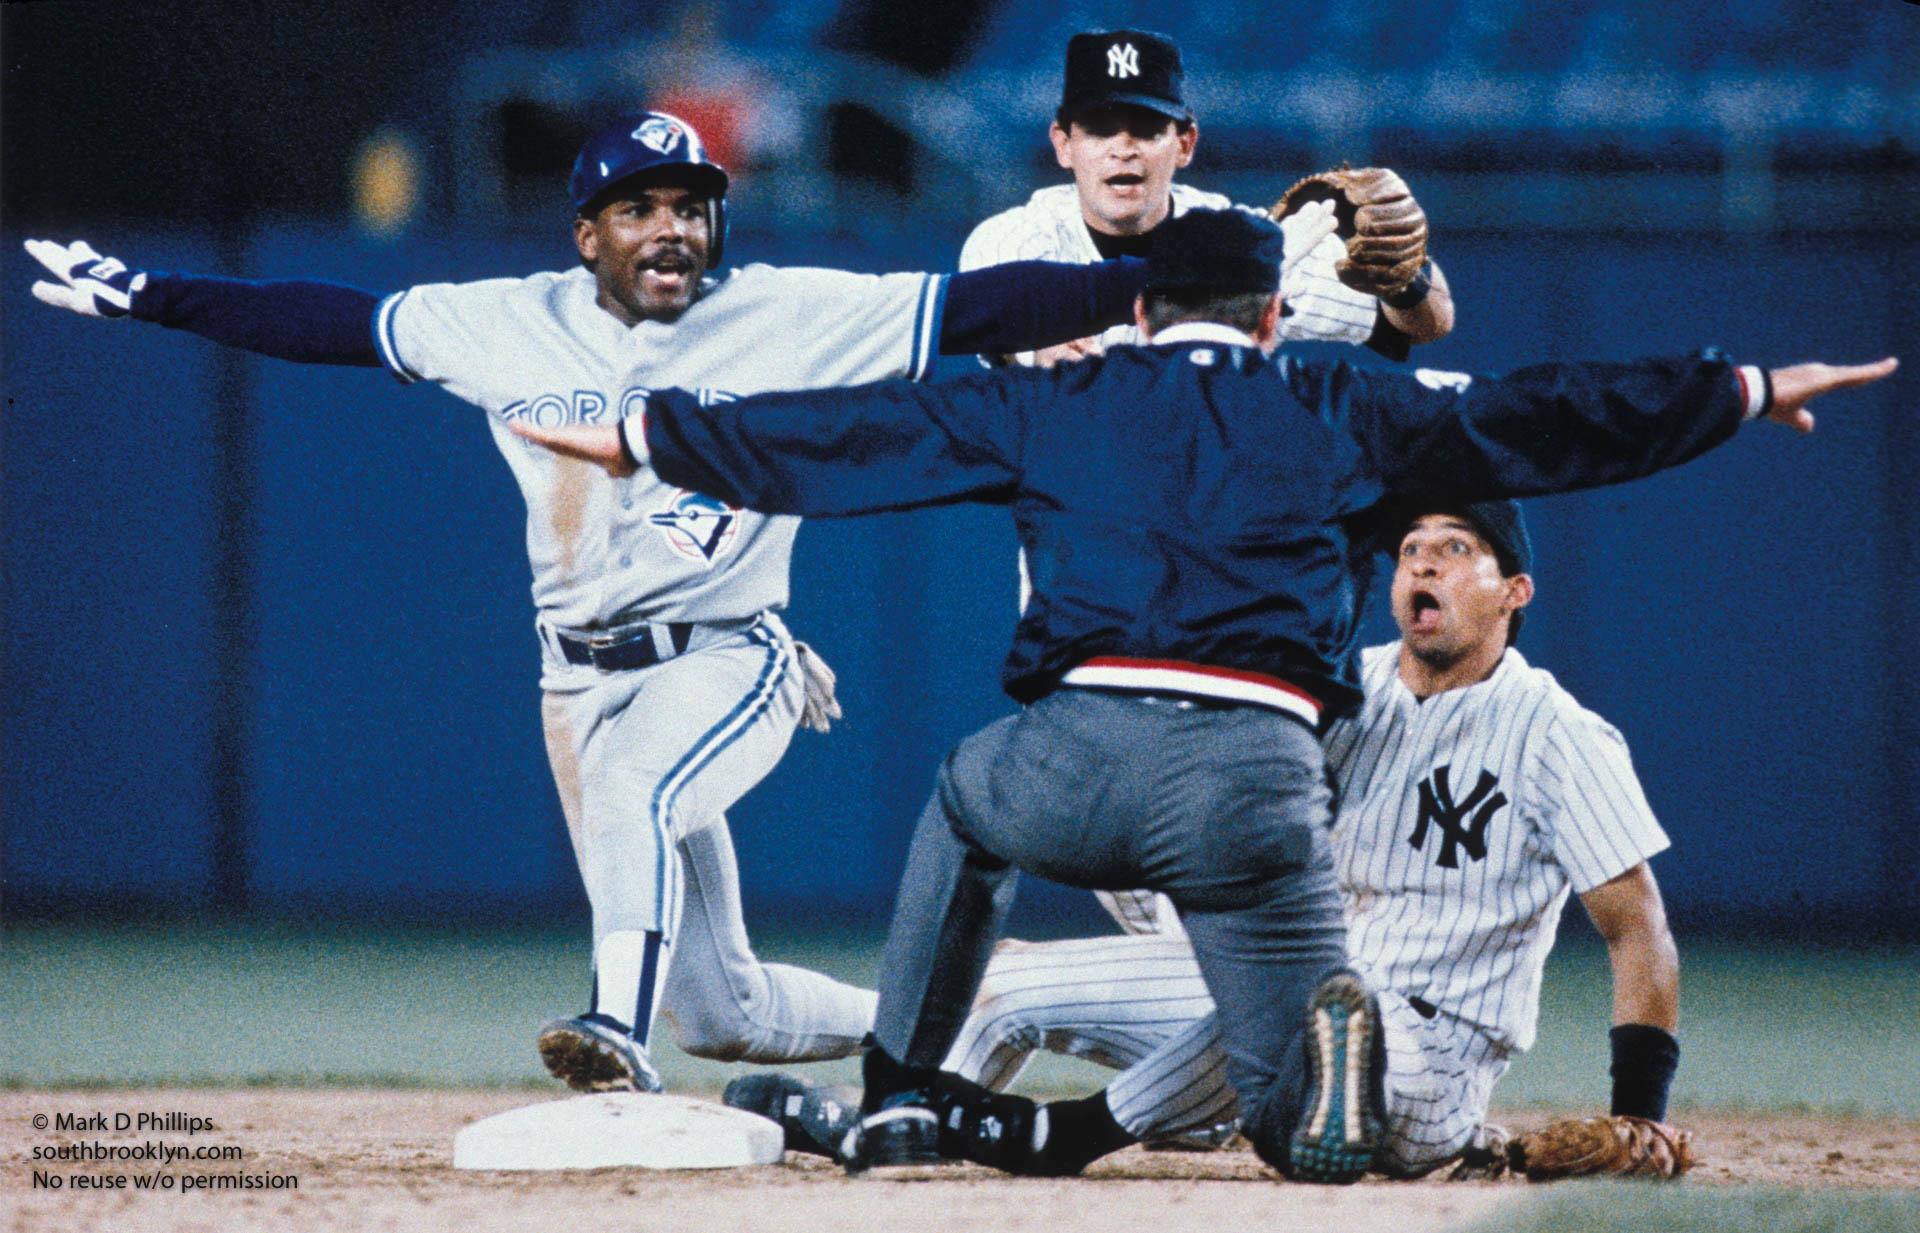 1992 Baseball Hall of Fame